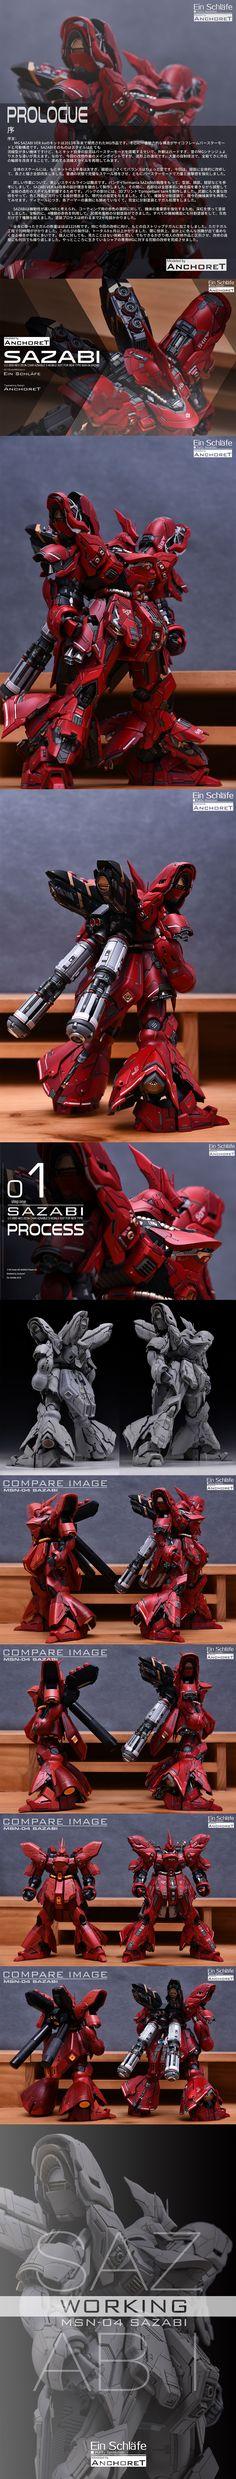 MG MSN-04 SAZABI サザビー 徹底改修塗装済完成品 - ヤフオク!